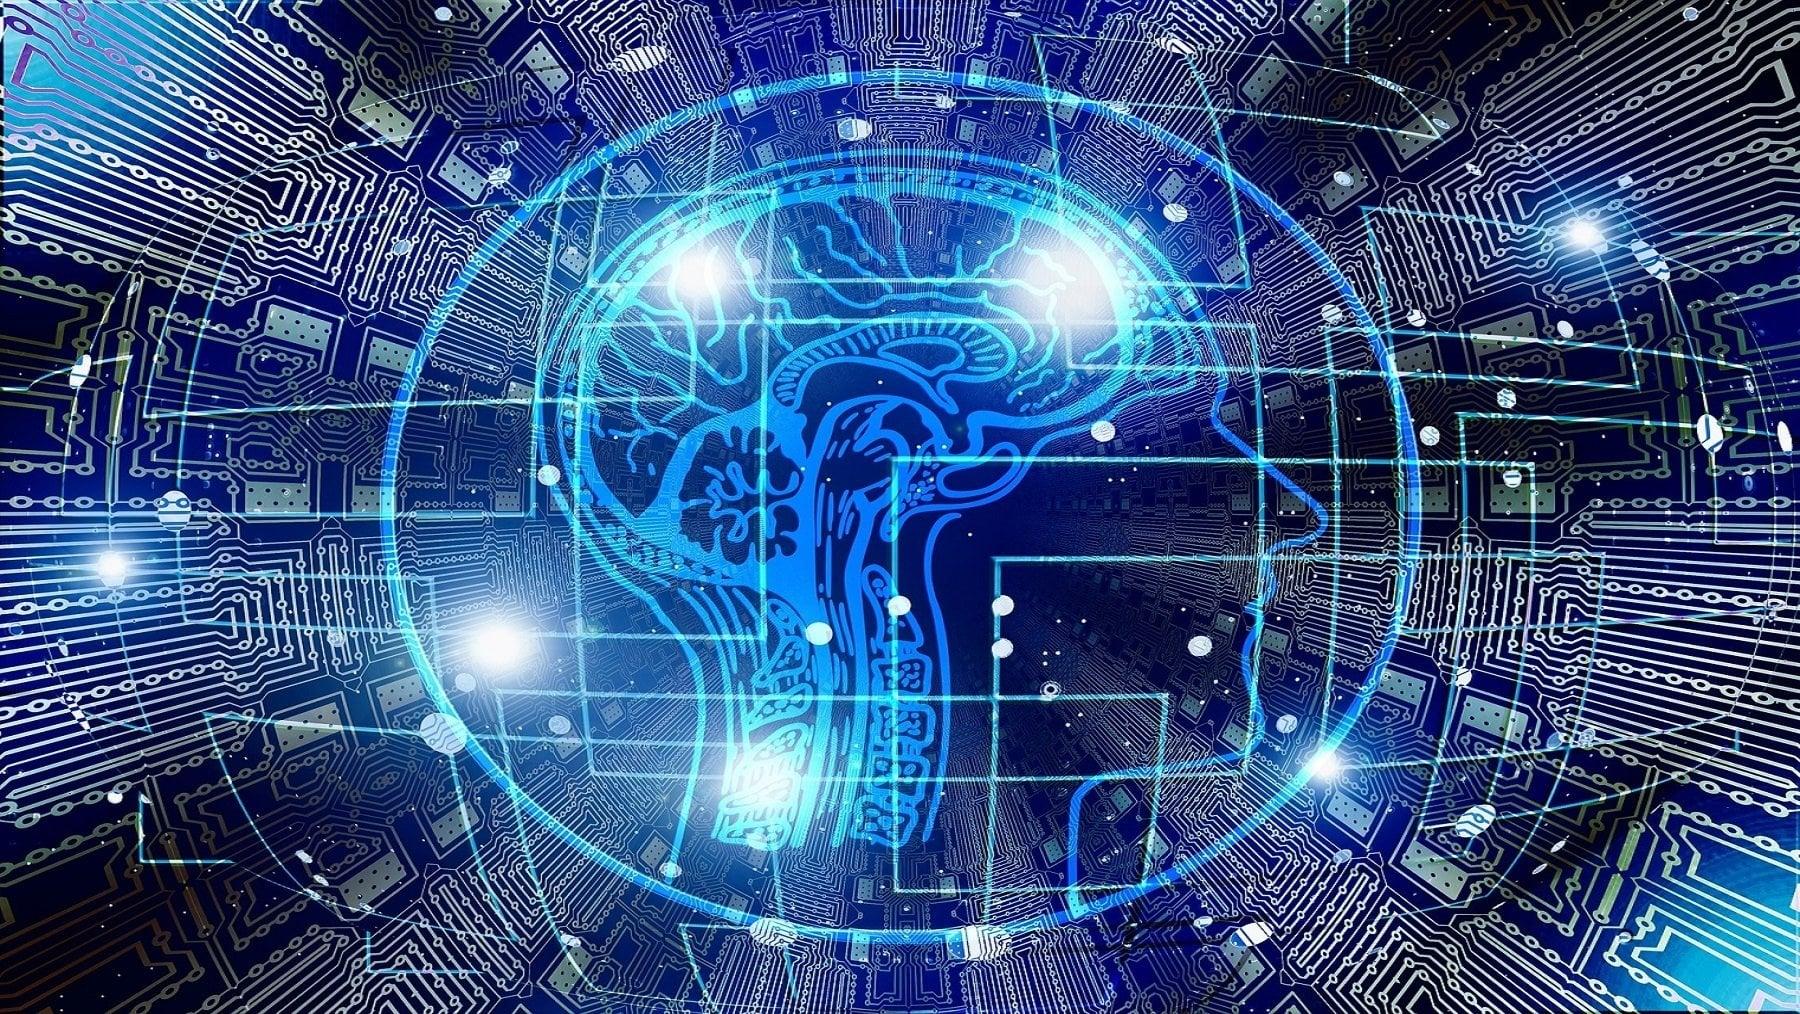 Google, i dati di milioni di pazienti a loro insaputa per allenare l'intelligenza artificiale